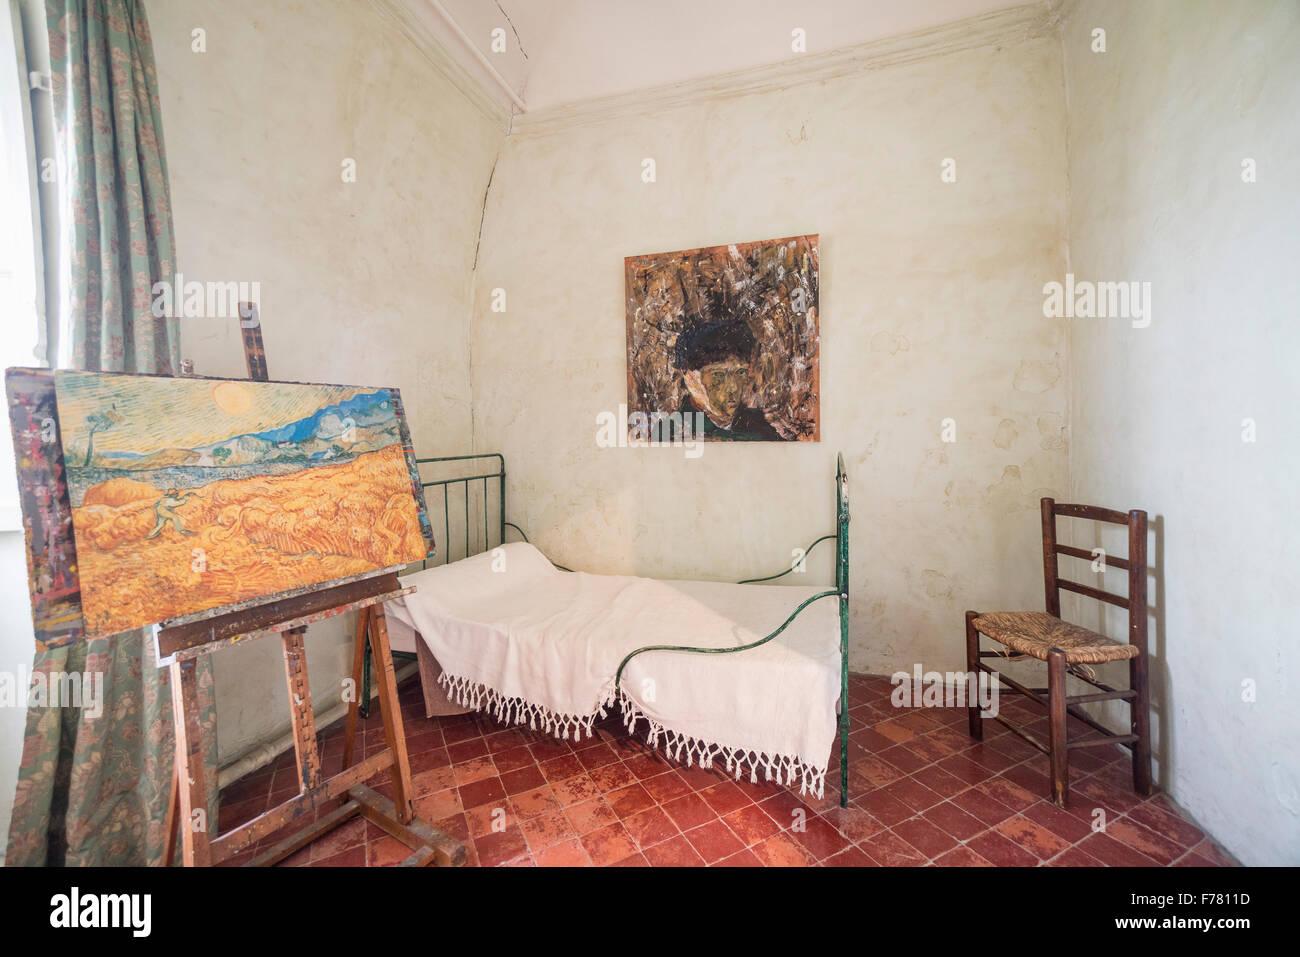 reconstruction of Vincent Van Gogh s room in asylum of St Paul de Mausole ,  St Rémy de Provence, France - Stock Image